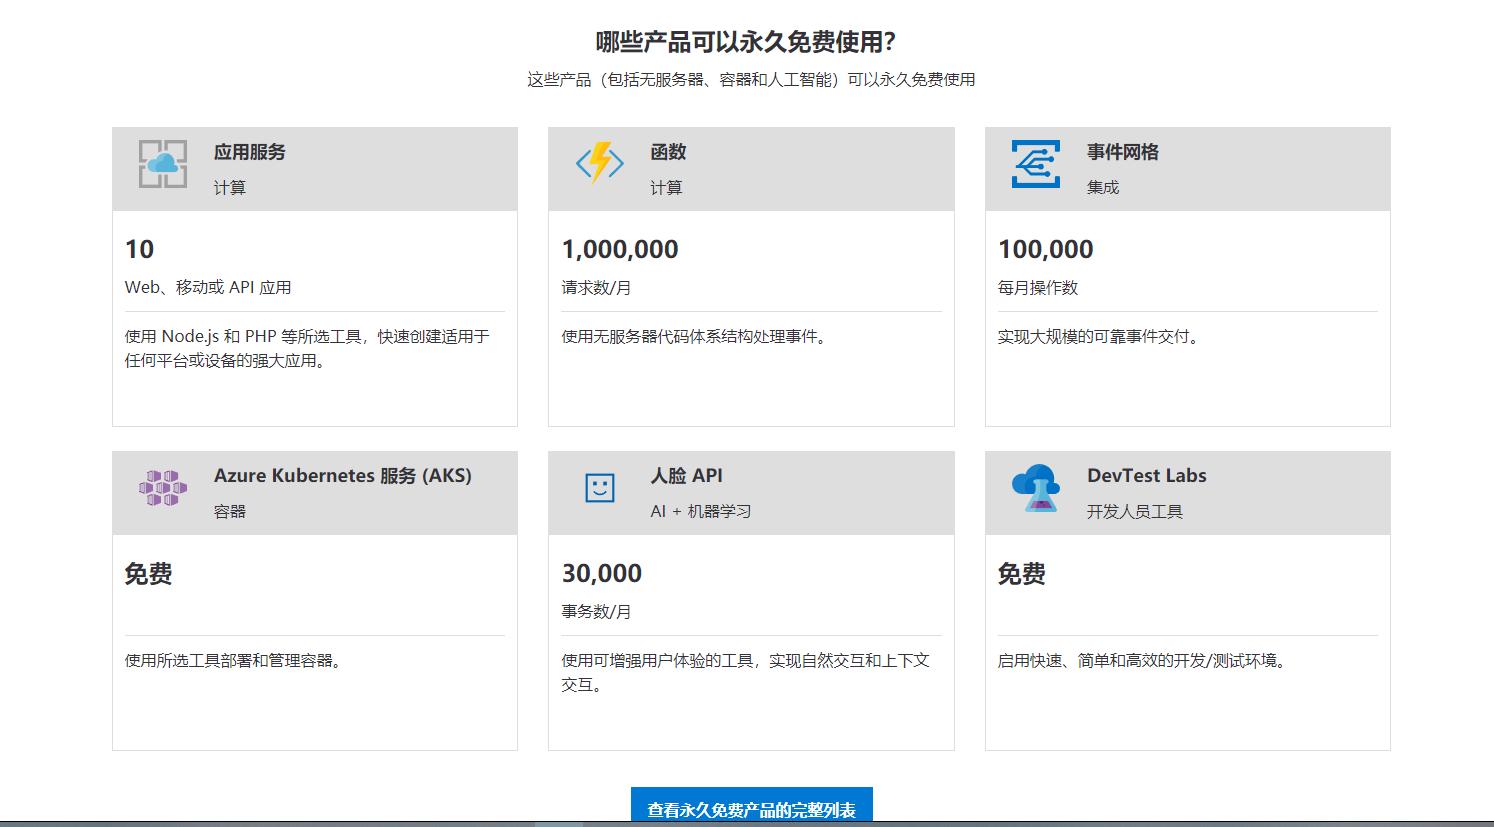 [免费][推荐][Azure Stack]免费领取一年的虚拟主机和200美元体验金  5